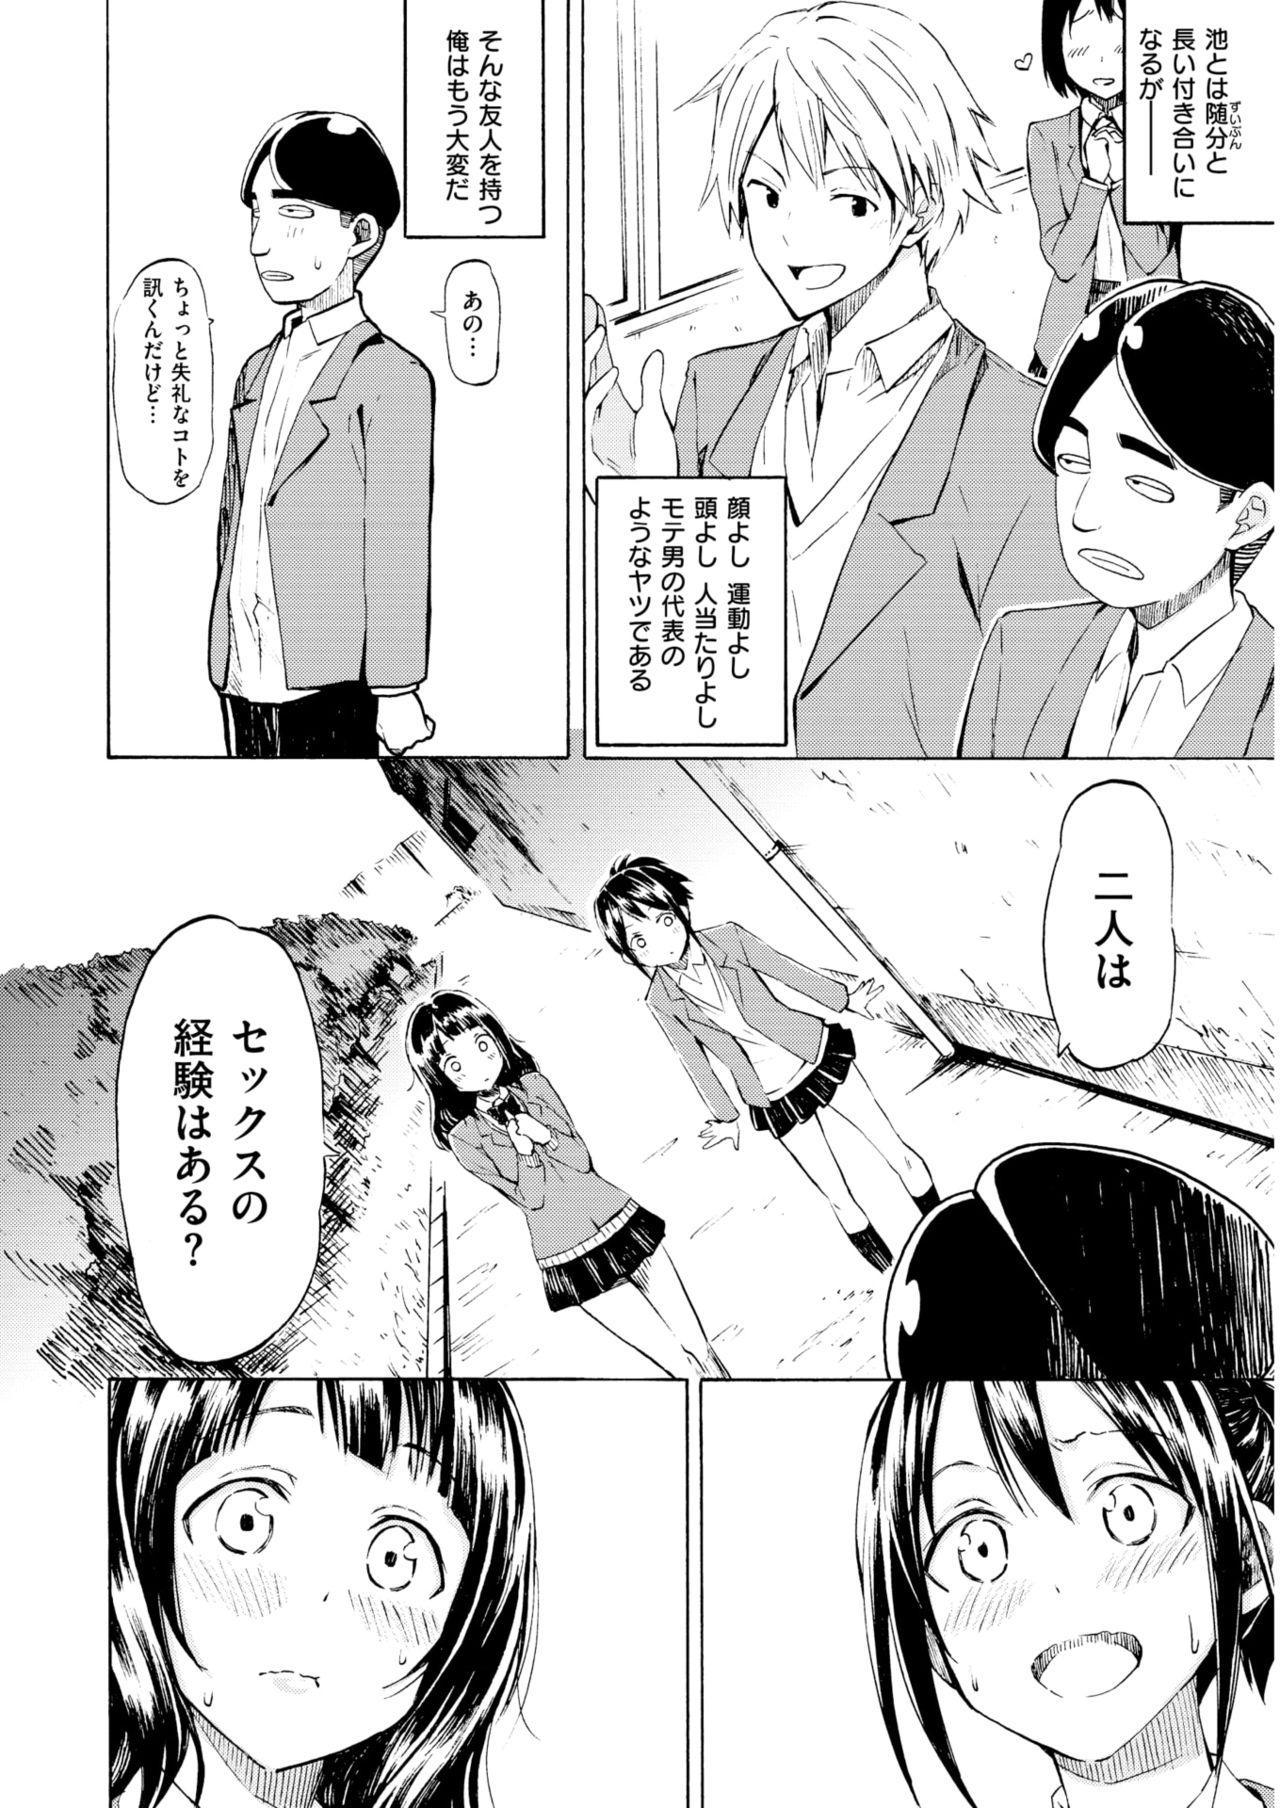 COMIC Kairakuten 25 Shuunen kinen tokubetsugou 372